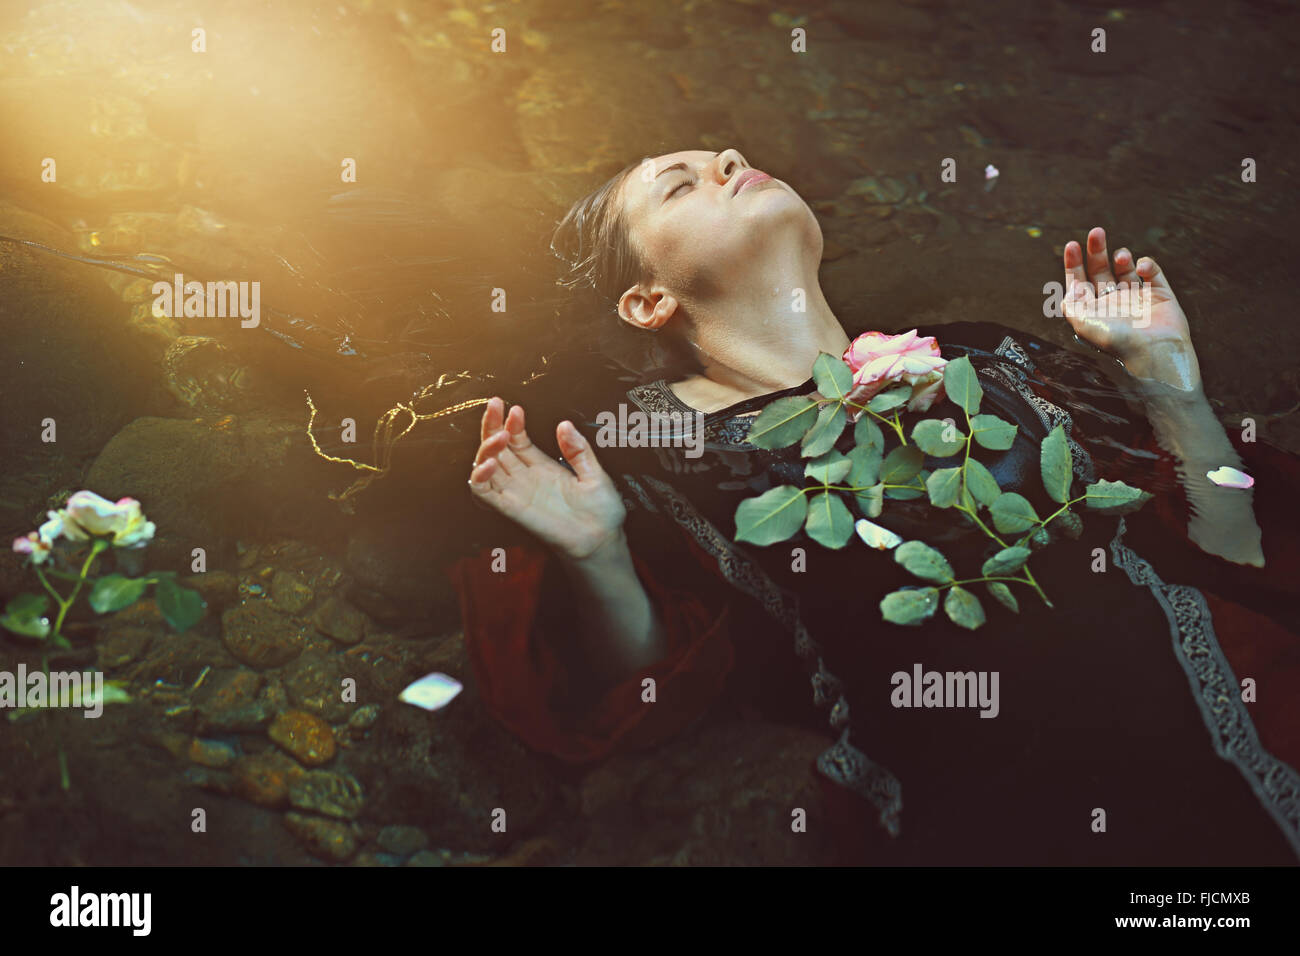 Frau im dunklen Wasser-Strom und weiche Sonnenlicht. Romantik und Tragik Stockbild